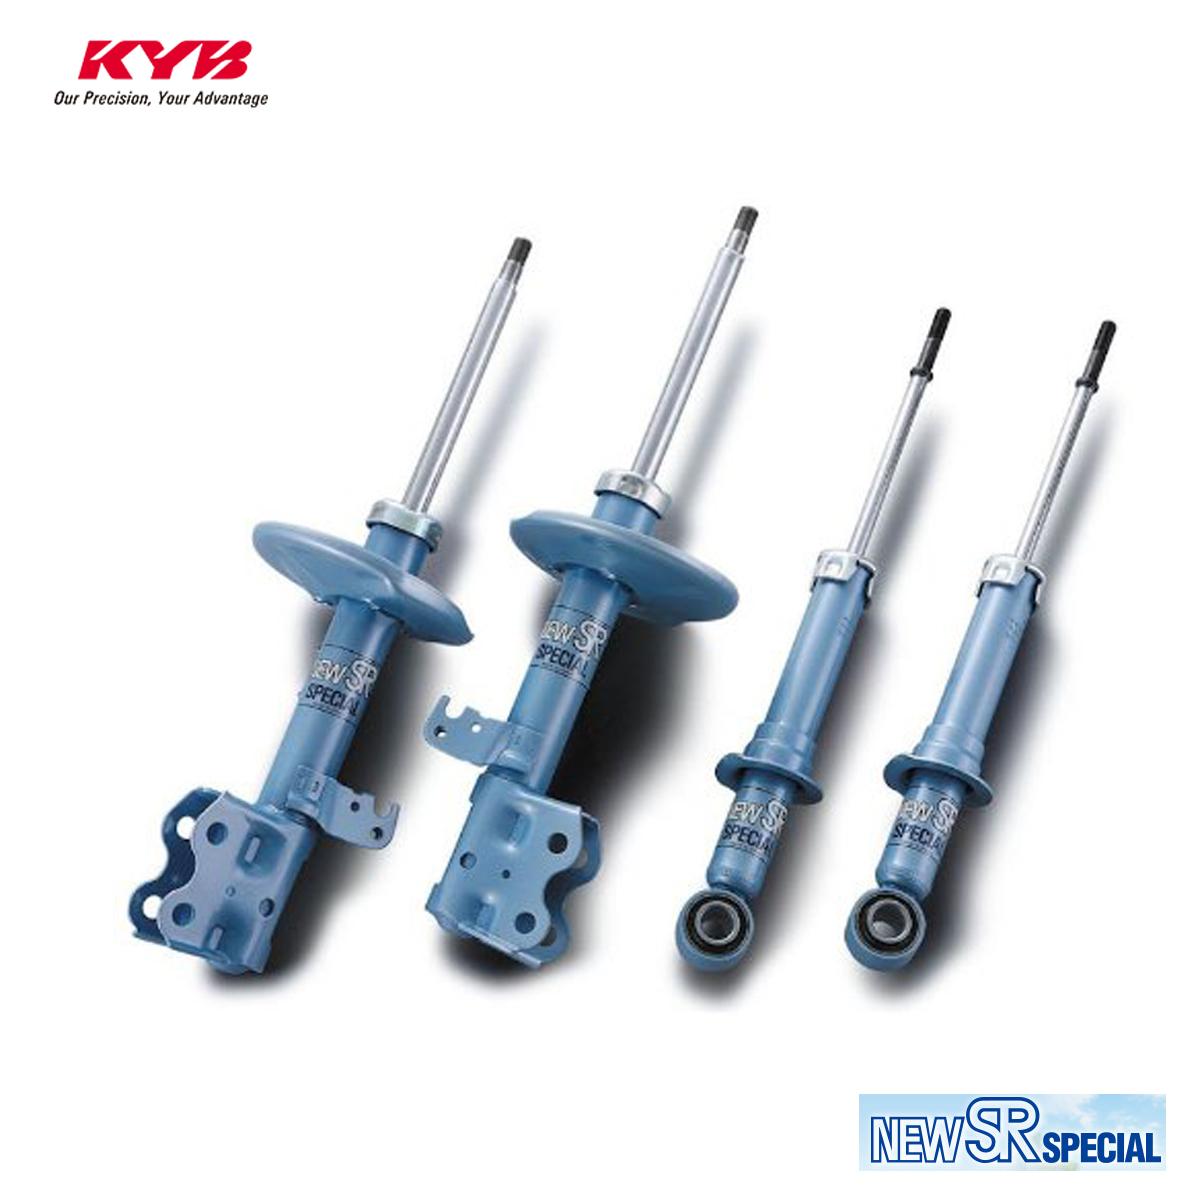 KYB カヤバ ヴィヴィオ KW3 ショックアブソーバー フロント 右用 1本 NEW SR SPECIAL NST8011R 配送先条件有り